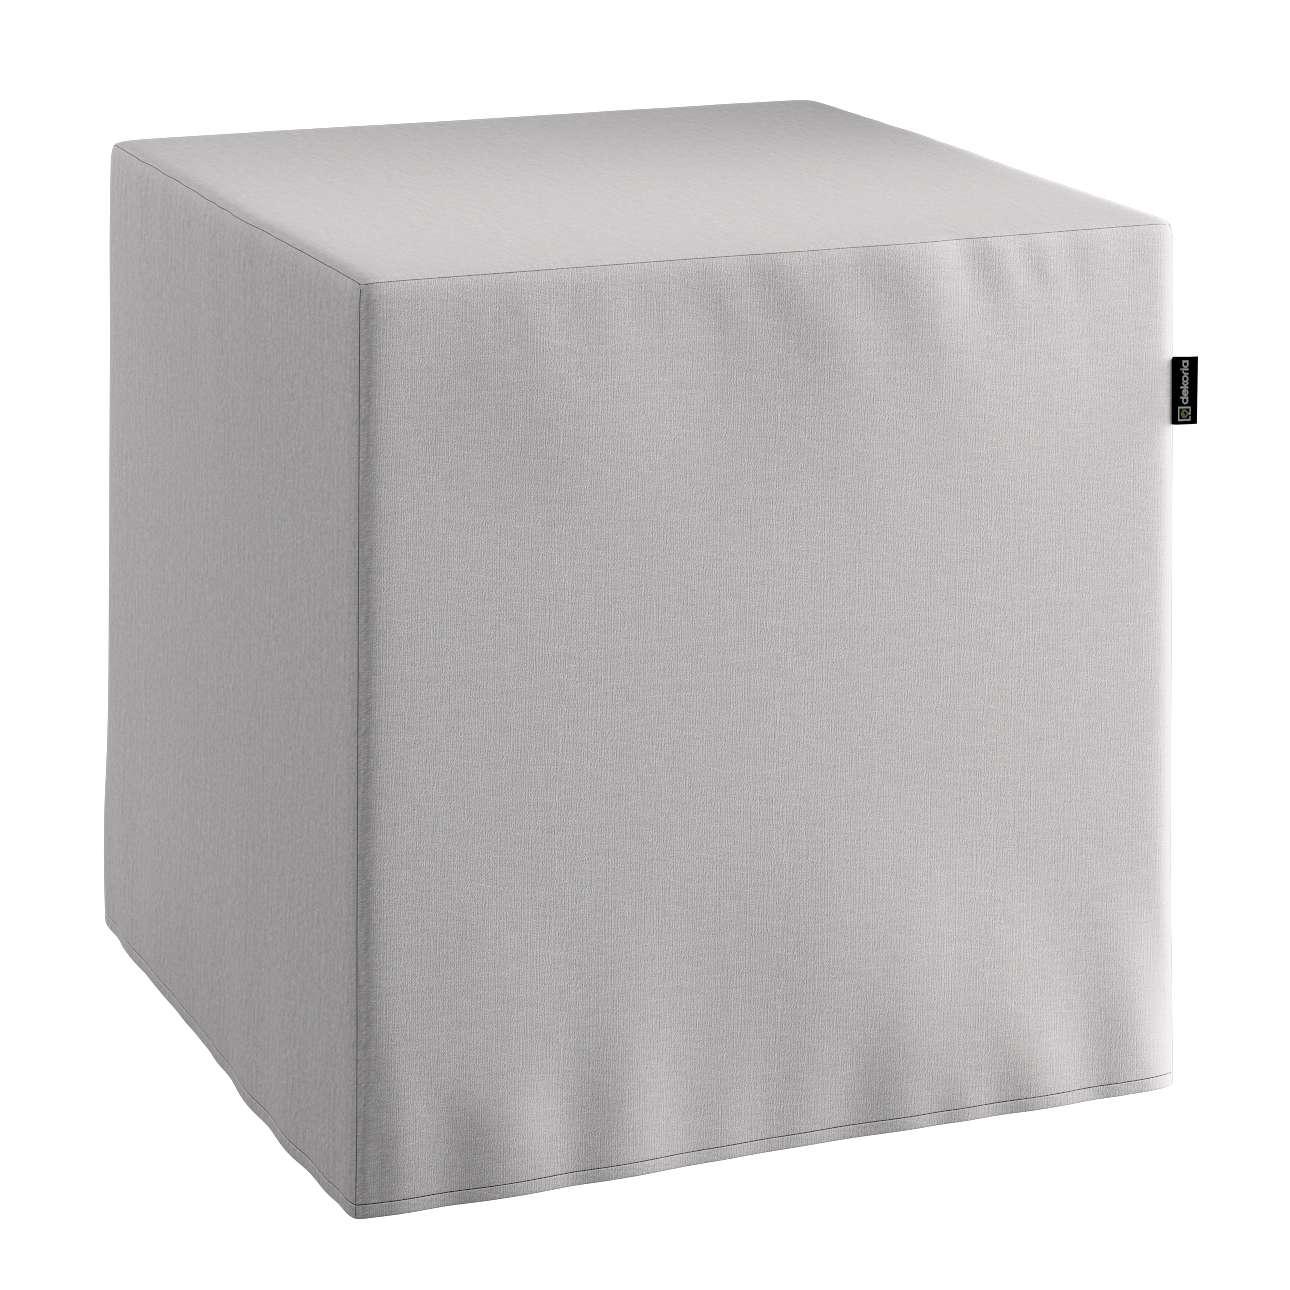 Bezug für Sitzwürfel Bezug für Sitzwürfel 40x40x40 cm von der Kollektion Chenille , Stoff: 702-23